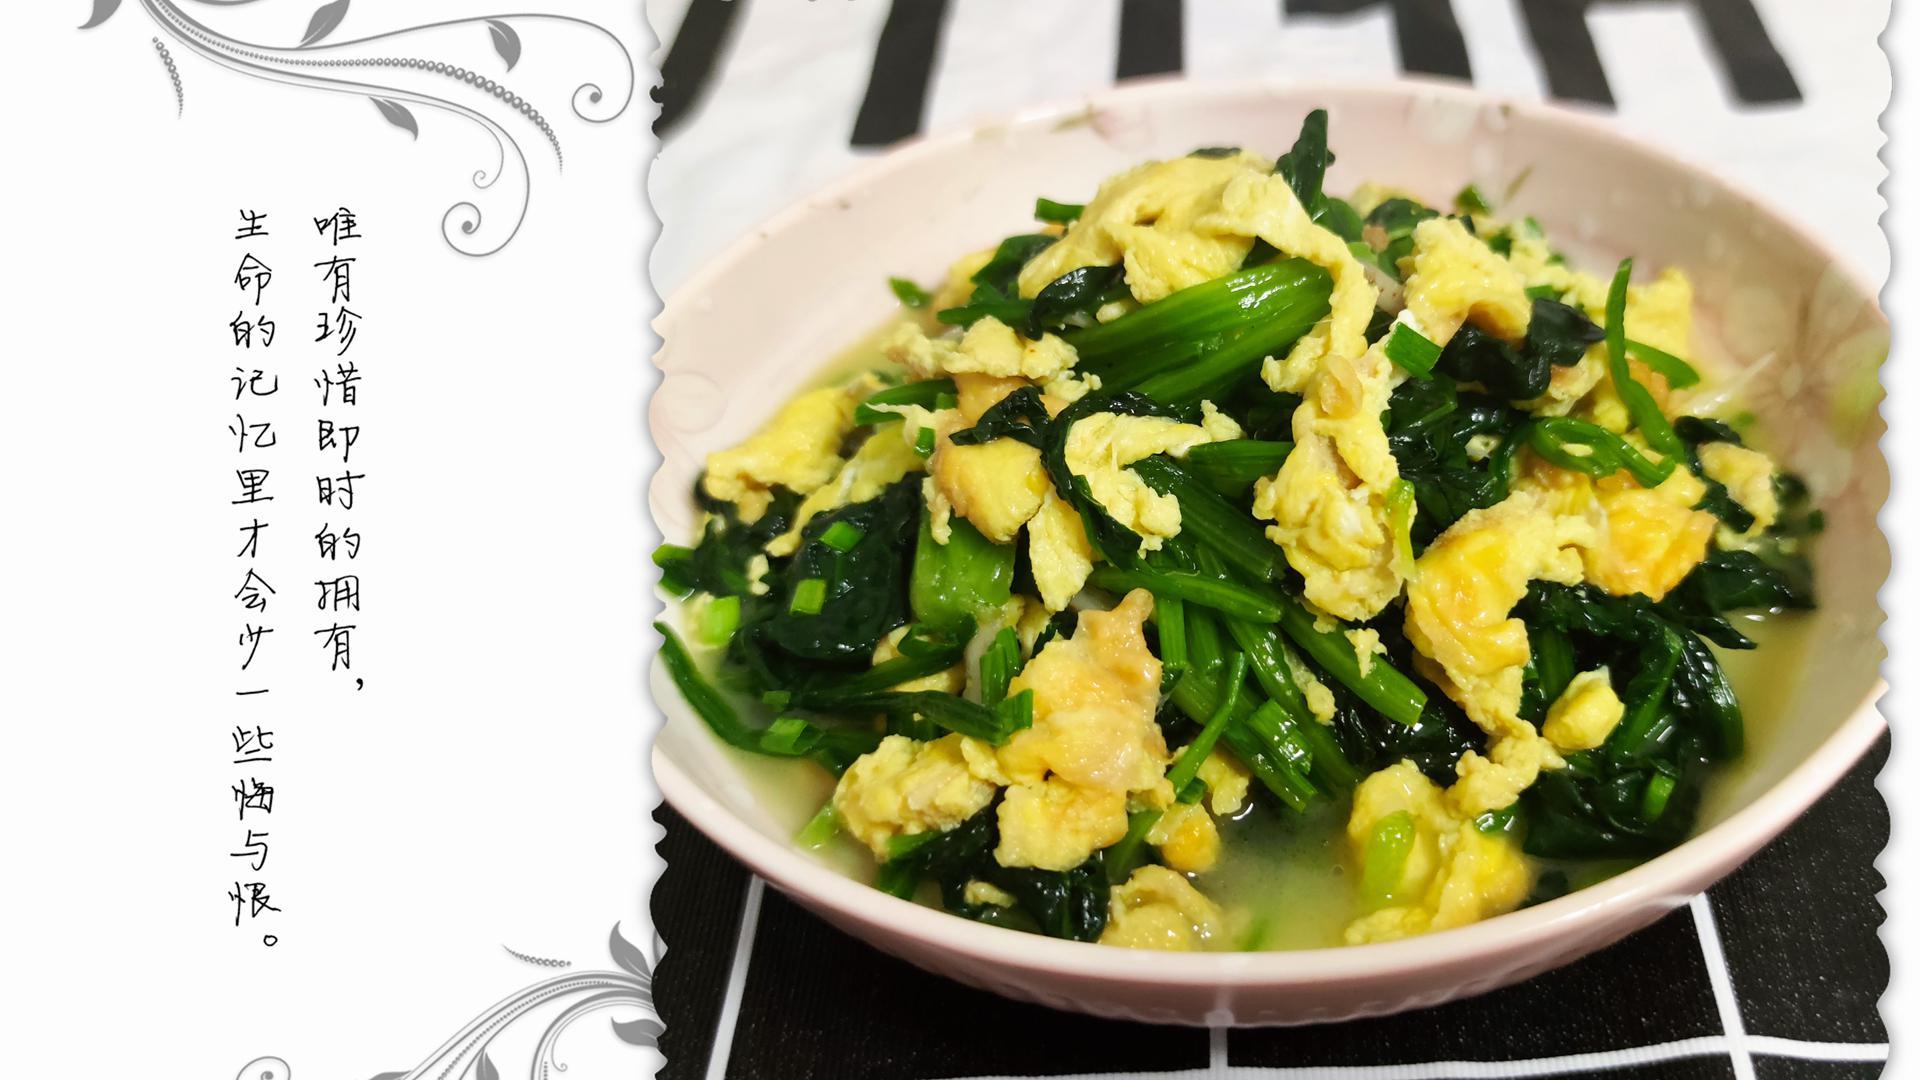 家常菜:菠菜炒鸡蛋,真没想到菠菜还能这样吃!